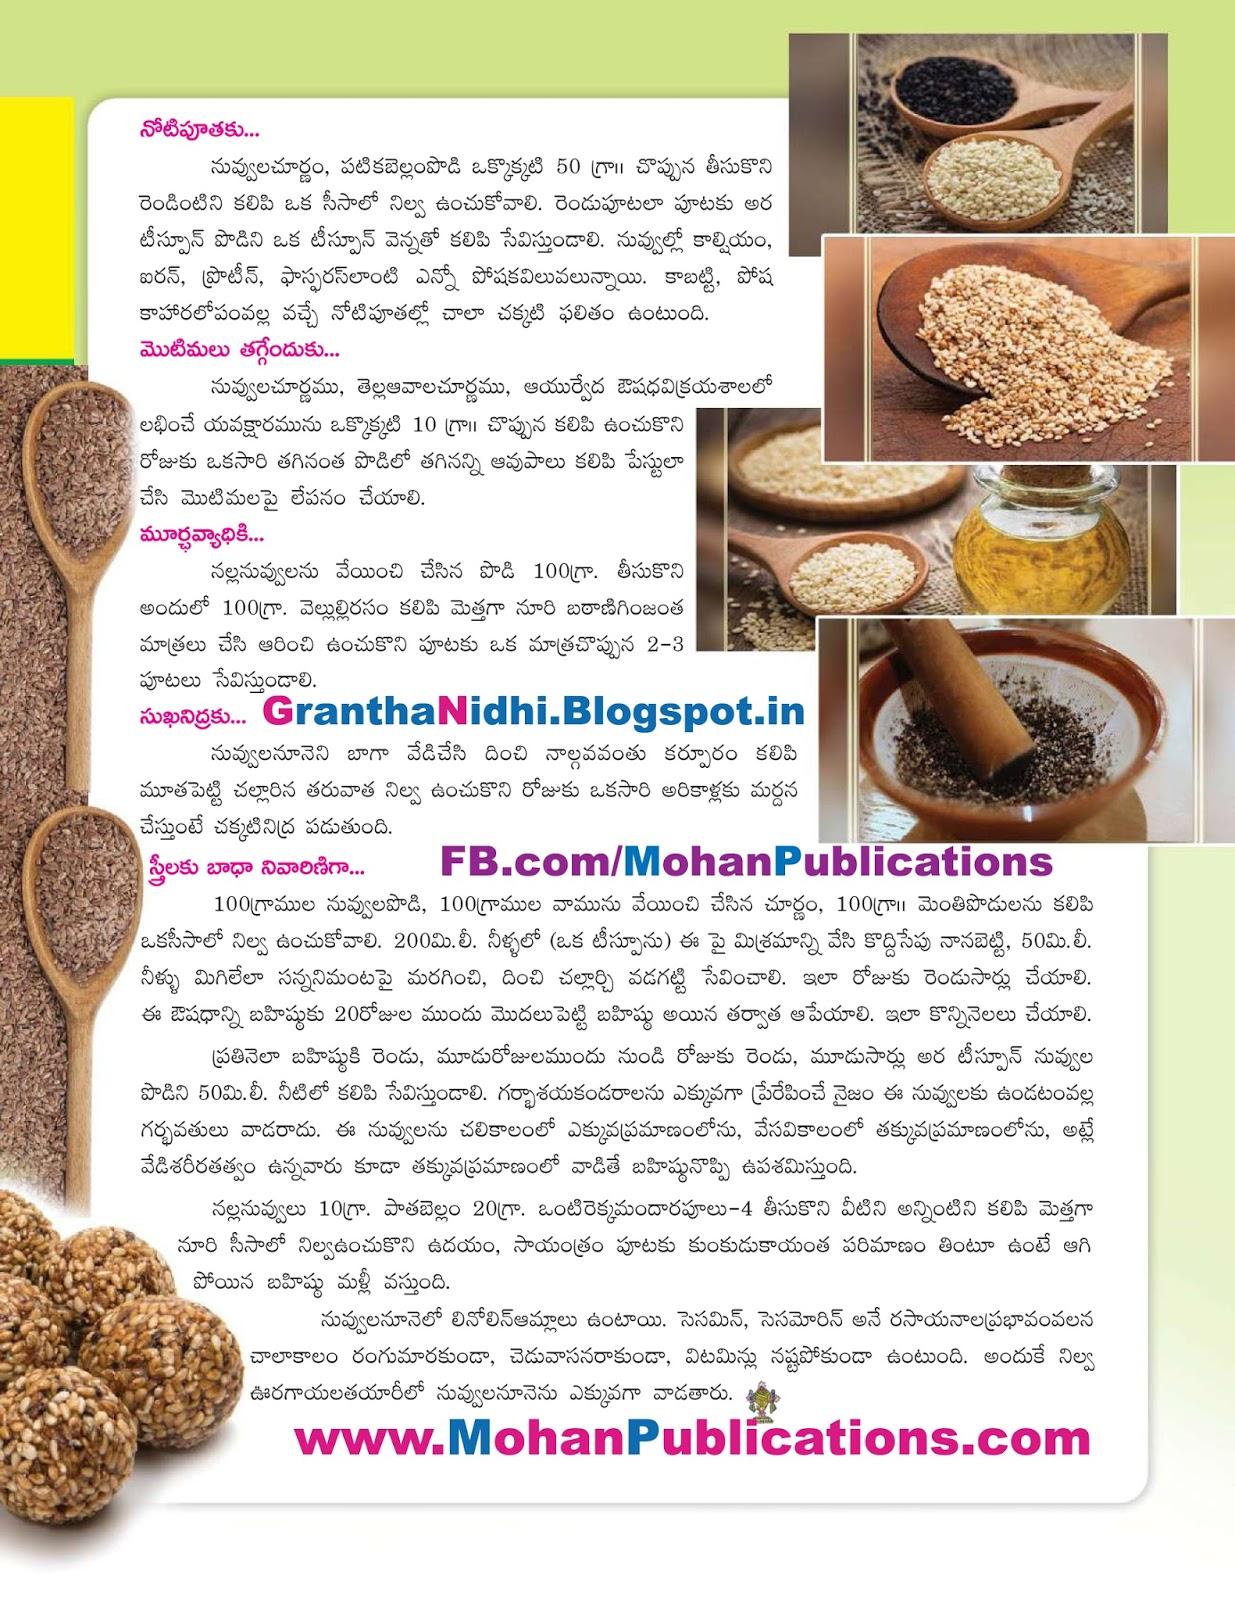 నల్లనువ్వులతో నిండునూరేళ్ళు Black Sesame Seeds Nalla Nuvvulu Nuvvulu nuvvulu health tips ttd ttd ebooks tirumala tirupathi tirupathi tirumala saptagiri sapthagiri Publications in Rajahmundry, Books Publisher in Rajahmundry, Popular Publisher in Rajahmundry, BhaktiPustakalu, Makarandam, Bhakthi Pustakalu, JYOTHISA,VASTU,MANTRA, TANTRA,YANTRA,RASIPALITALU, BHAKTI,LEELA,BHAKTHI SONGS, BHAKTHI,LAGNA,PURANA,NOMULU, VRATHAMULU,POOJALU,  KALABHAIRAVAGURU, SAHASRANAMAMULU,KAVACHAMULU, ASHTORAPUJA,KALASAPUJALU, KUJA DOSHA,DASAMAHAVIDYA, SADHANALU,MOHAN PUBLICATIONS, RAJAHMUNDRY BOOK STORE, BOOKS,DEVOTIONAL BOOKS, KALABHAIRAVA GURU,KALABHAIRAVA, RAJAMAHENDRAVARAM,GODAVARI,GOWTHAMI, FORTGATE,KOTAGUMMAM,GODAVARI RAILWAY STATION, PRINT BOOKS,E BOOKS,PDF BOOKS, FREE PDF BOOKS,BHAKTHI MANDARAM,GRANTHANIDHI, GRANDANIDI,GRANDHANIDHI, BHAKTHI PUSTHAKALU, BHAKTI PUSTHAKALU, BHAKTHI